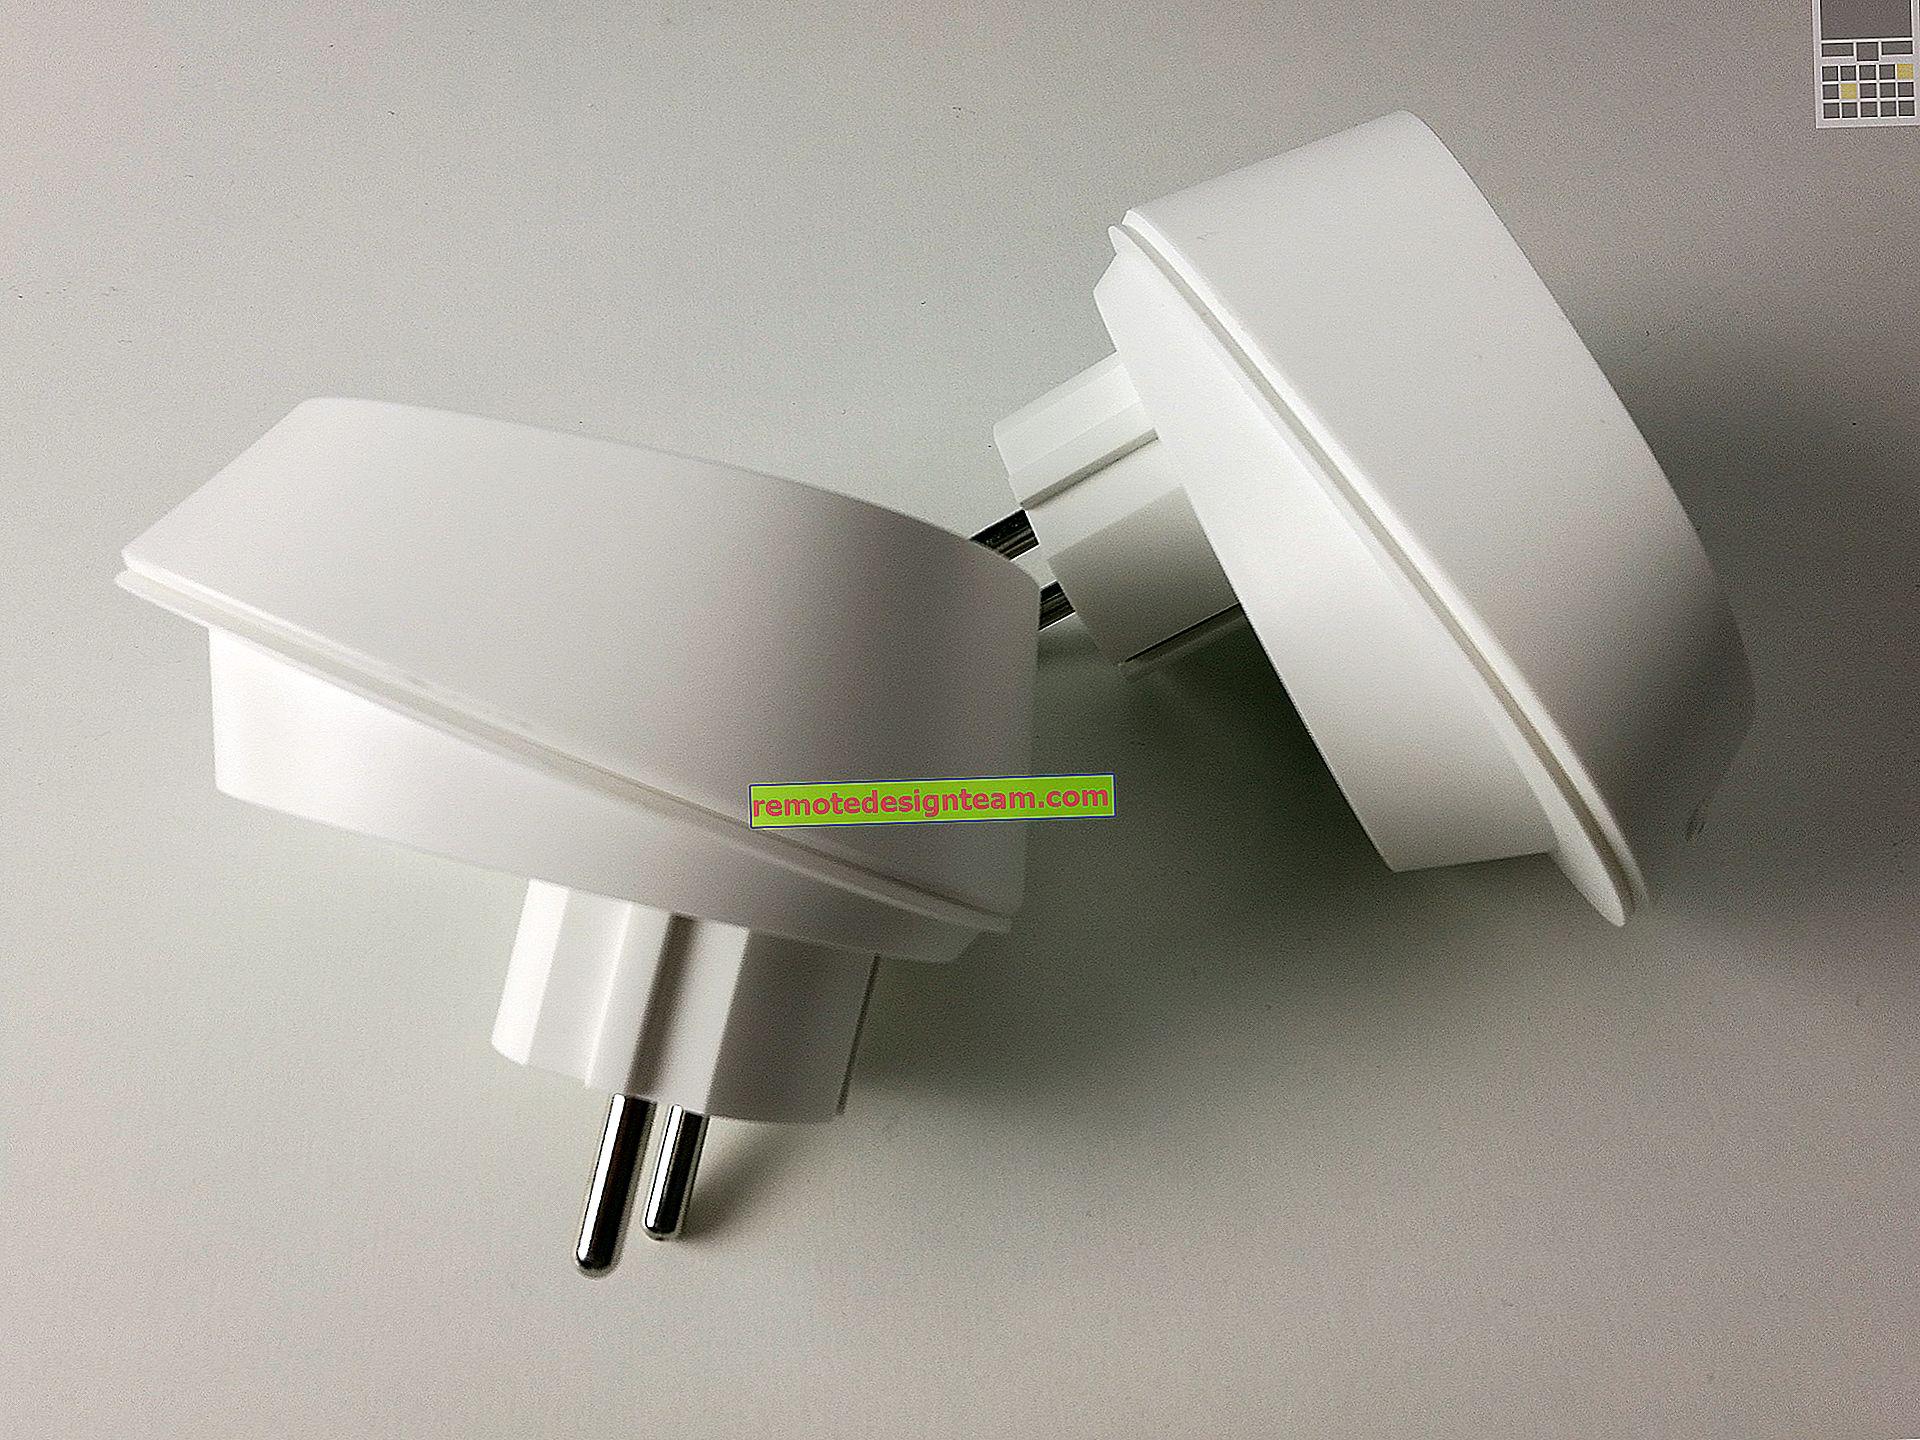 Oszczędzaj energię dzięki inteligentnym wtyczkom TP-Link